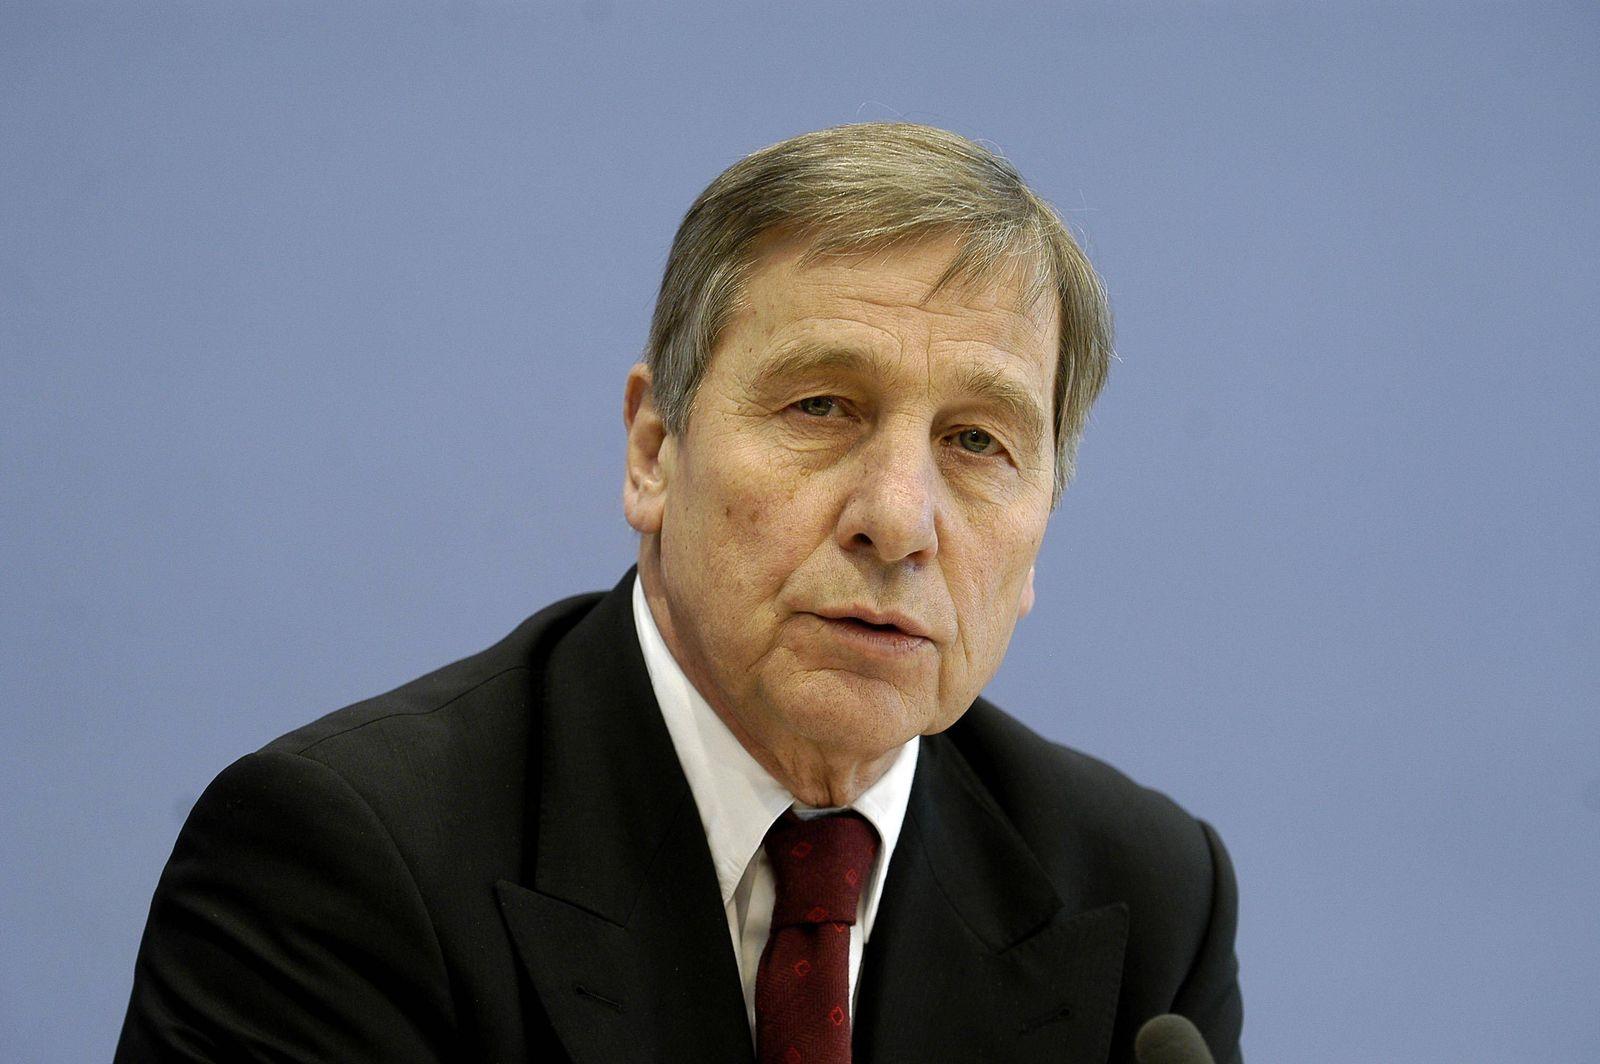 Wirtschaftsminister Wolfgang Clement (Deutschland/SPD) während der Bundespressekonferenz in Berlin